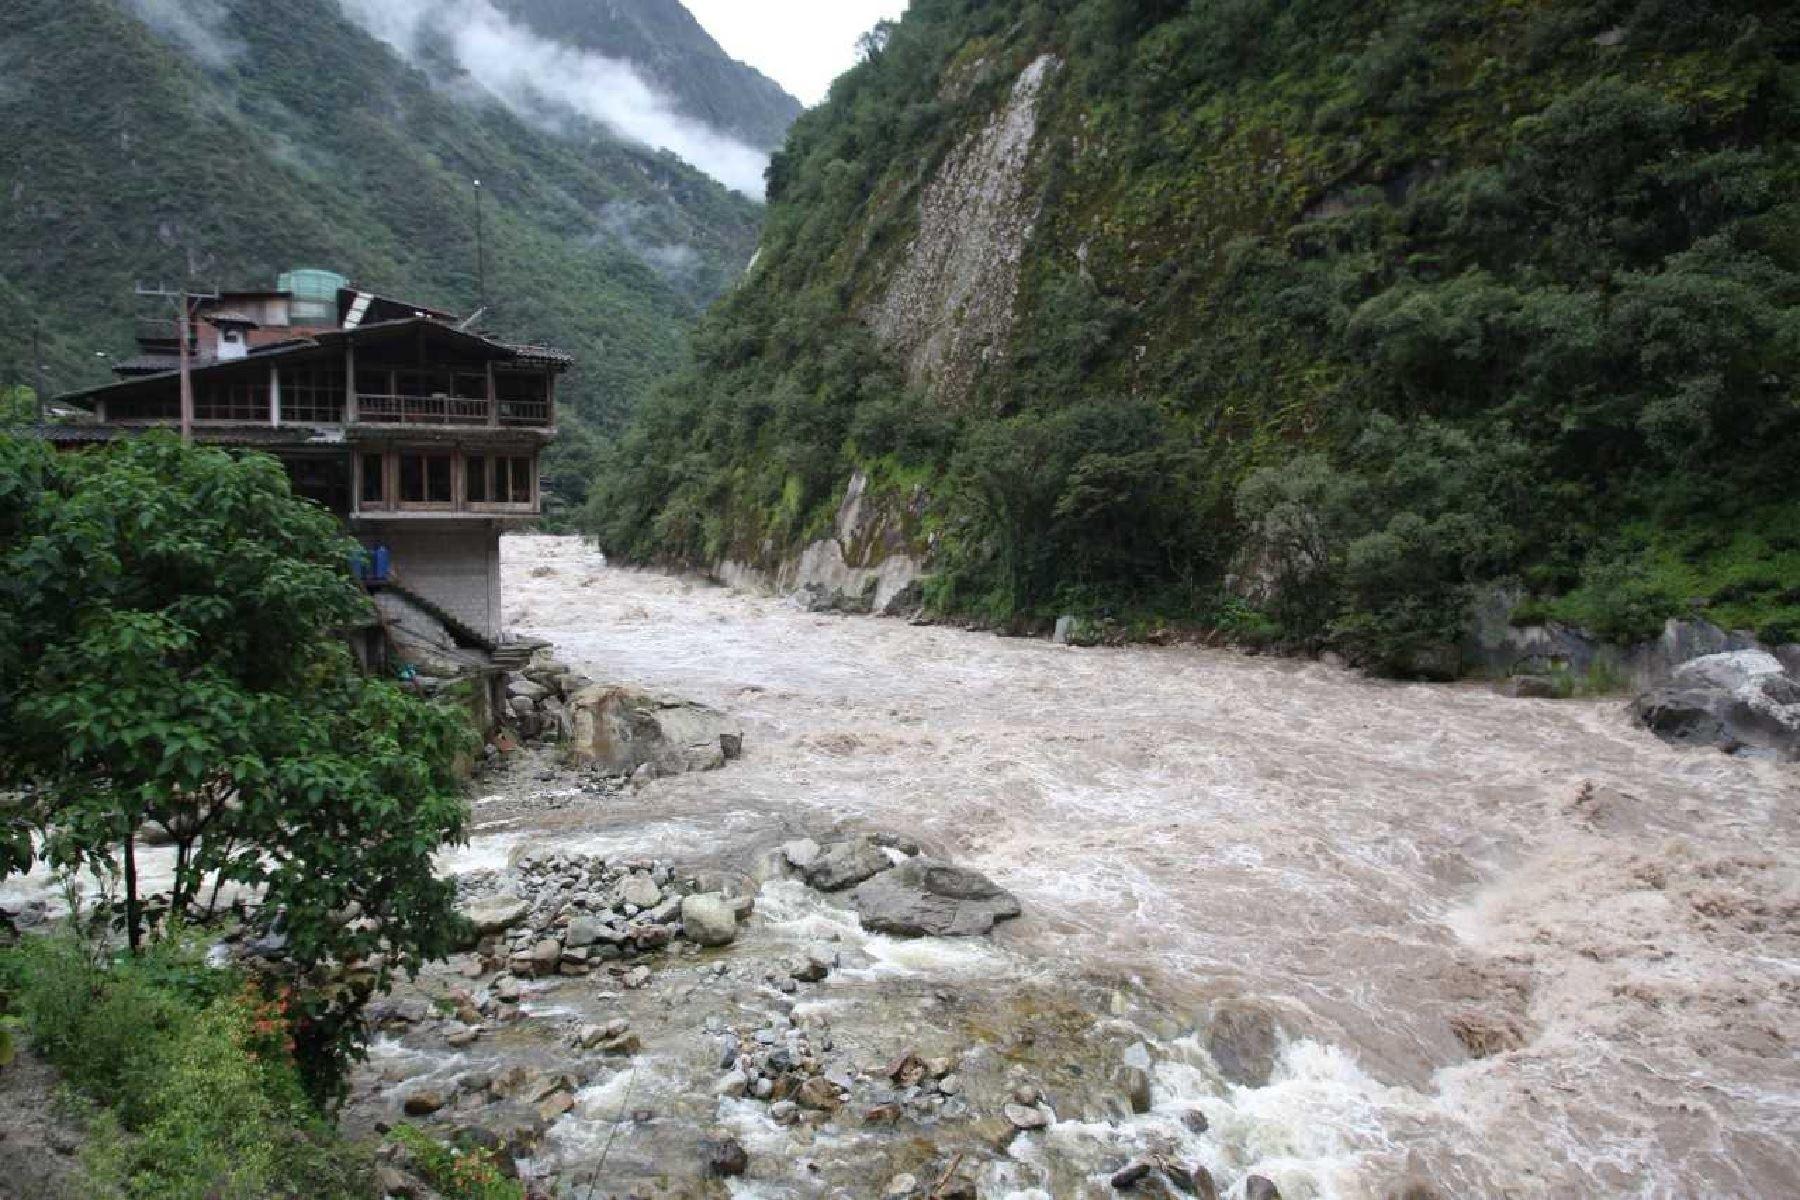 Esta mañana el río Vilcanota alcanzó  279.53 metros cúbicos por segundo. Foto:  ANDINA/Difusión.